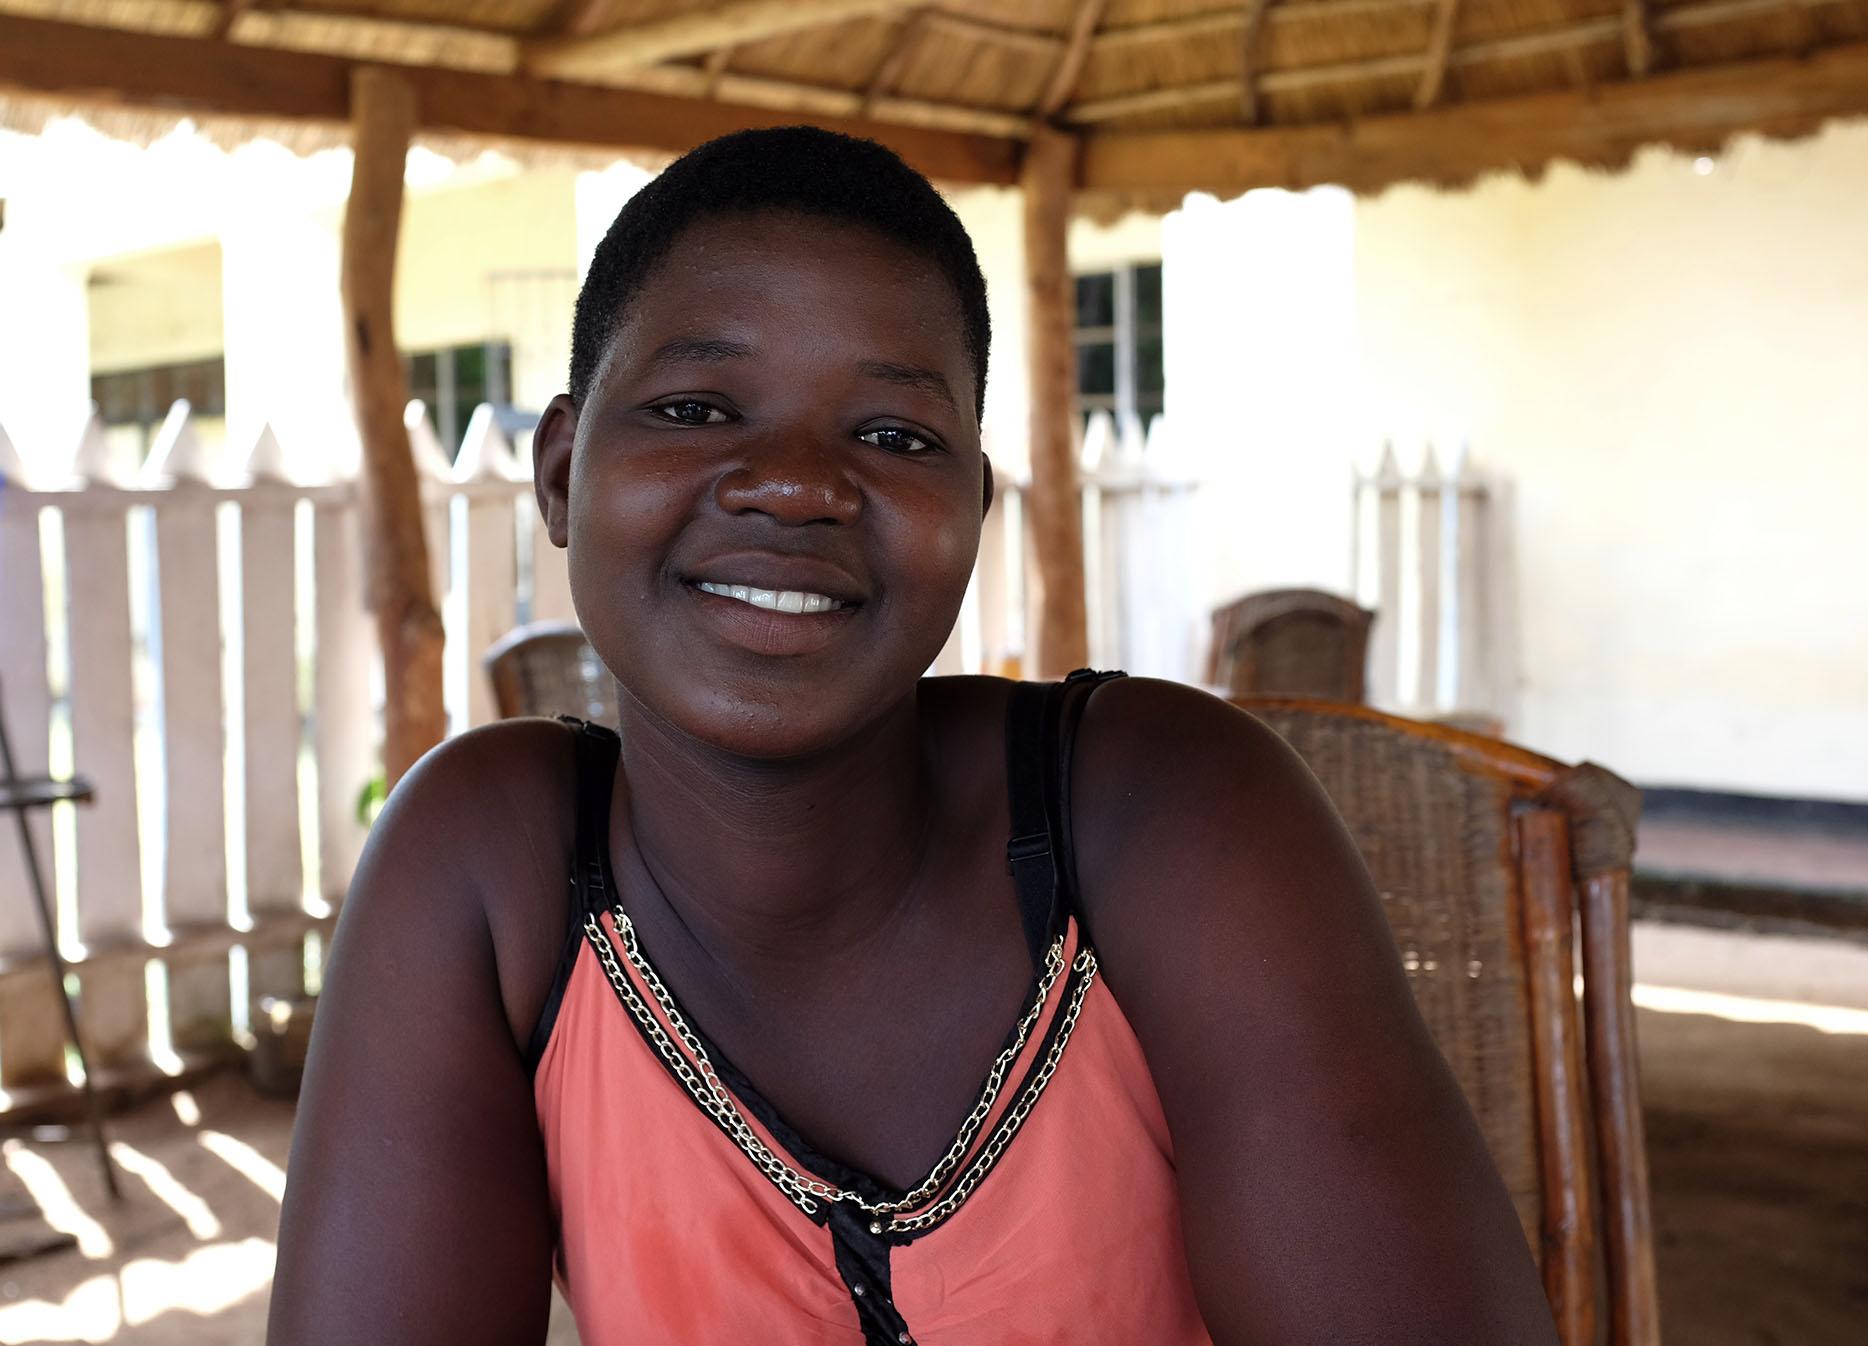 Hymyilevä malawilainen nuori nainen istumassa ulkona varjossa.